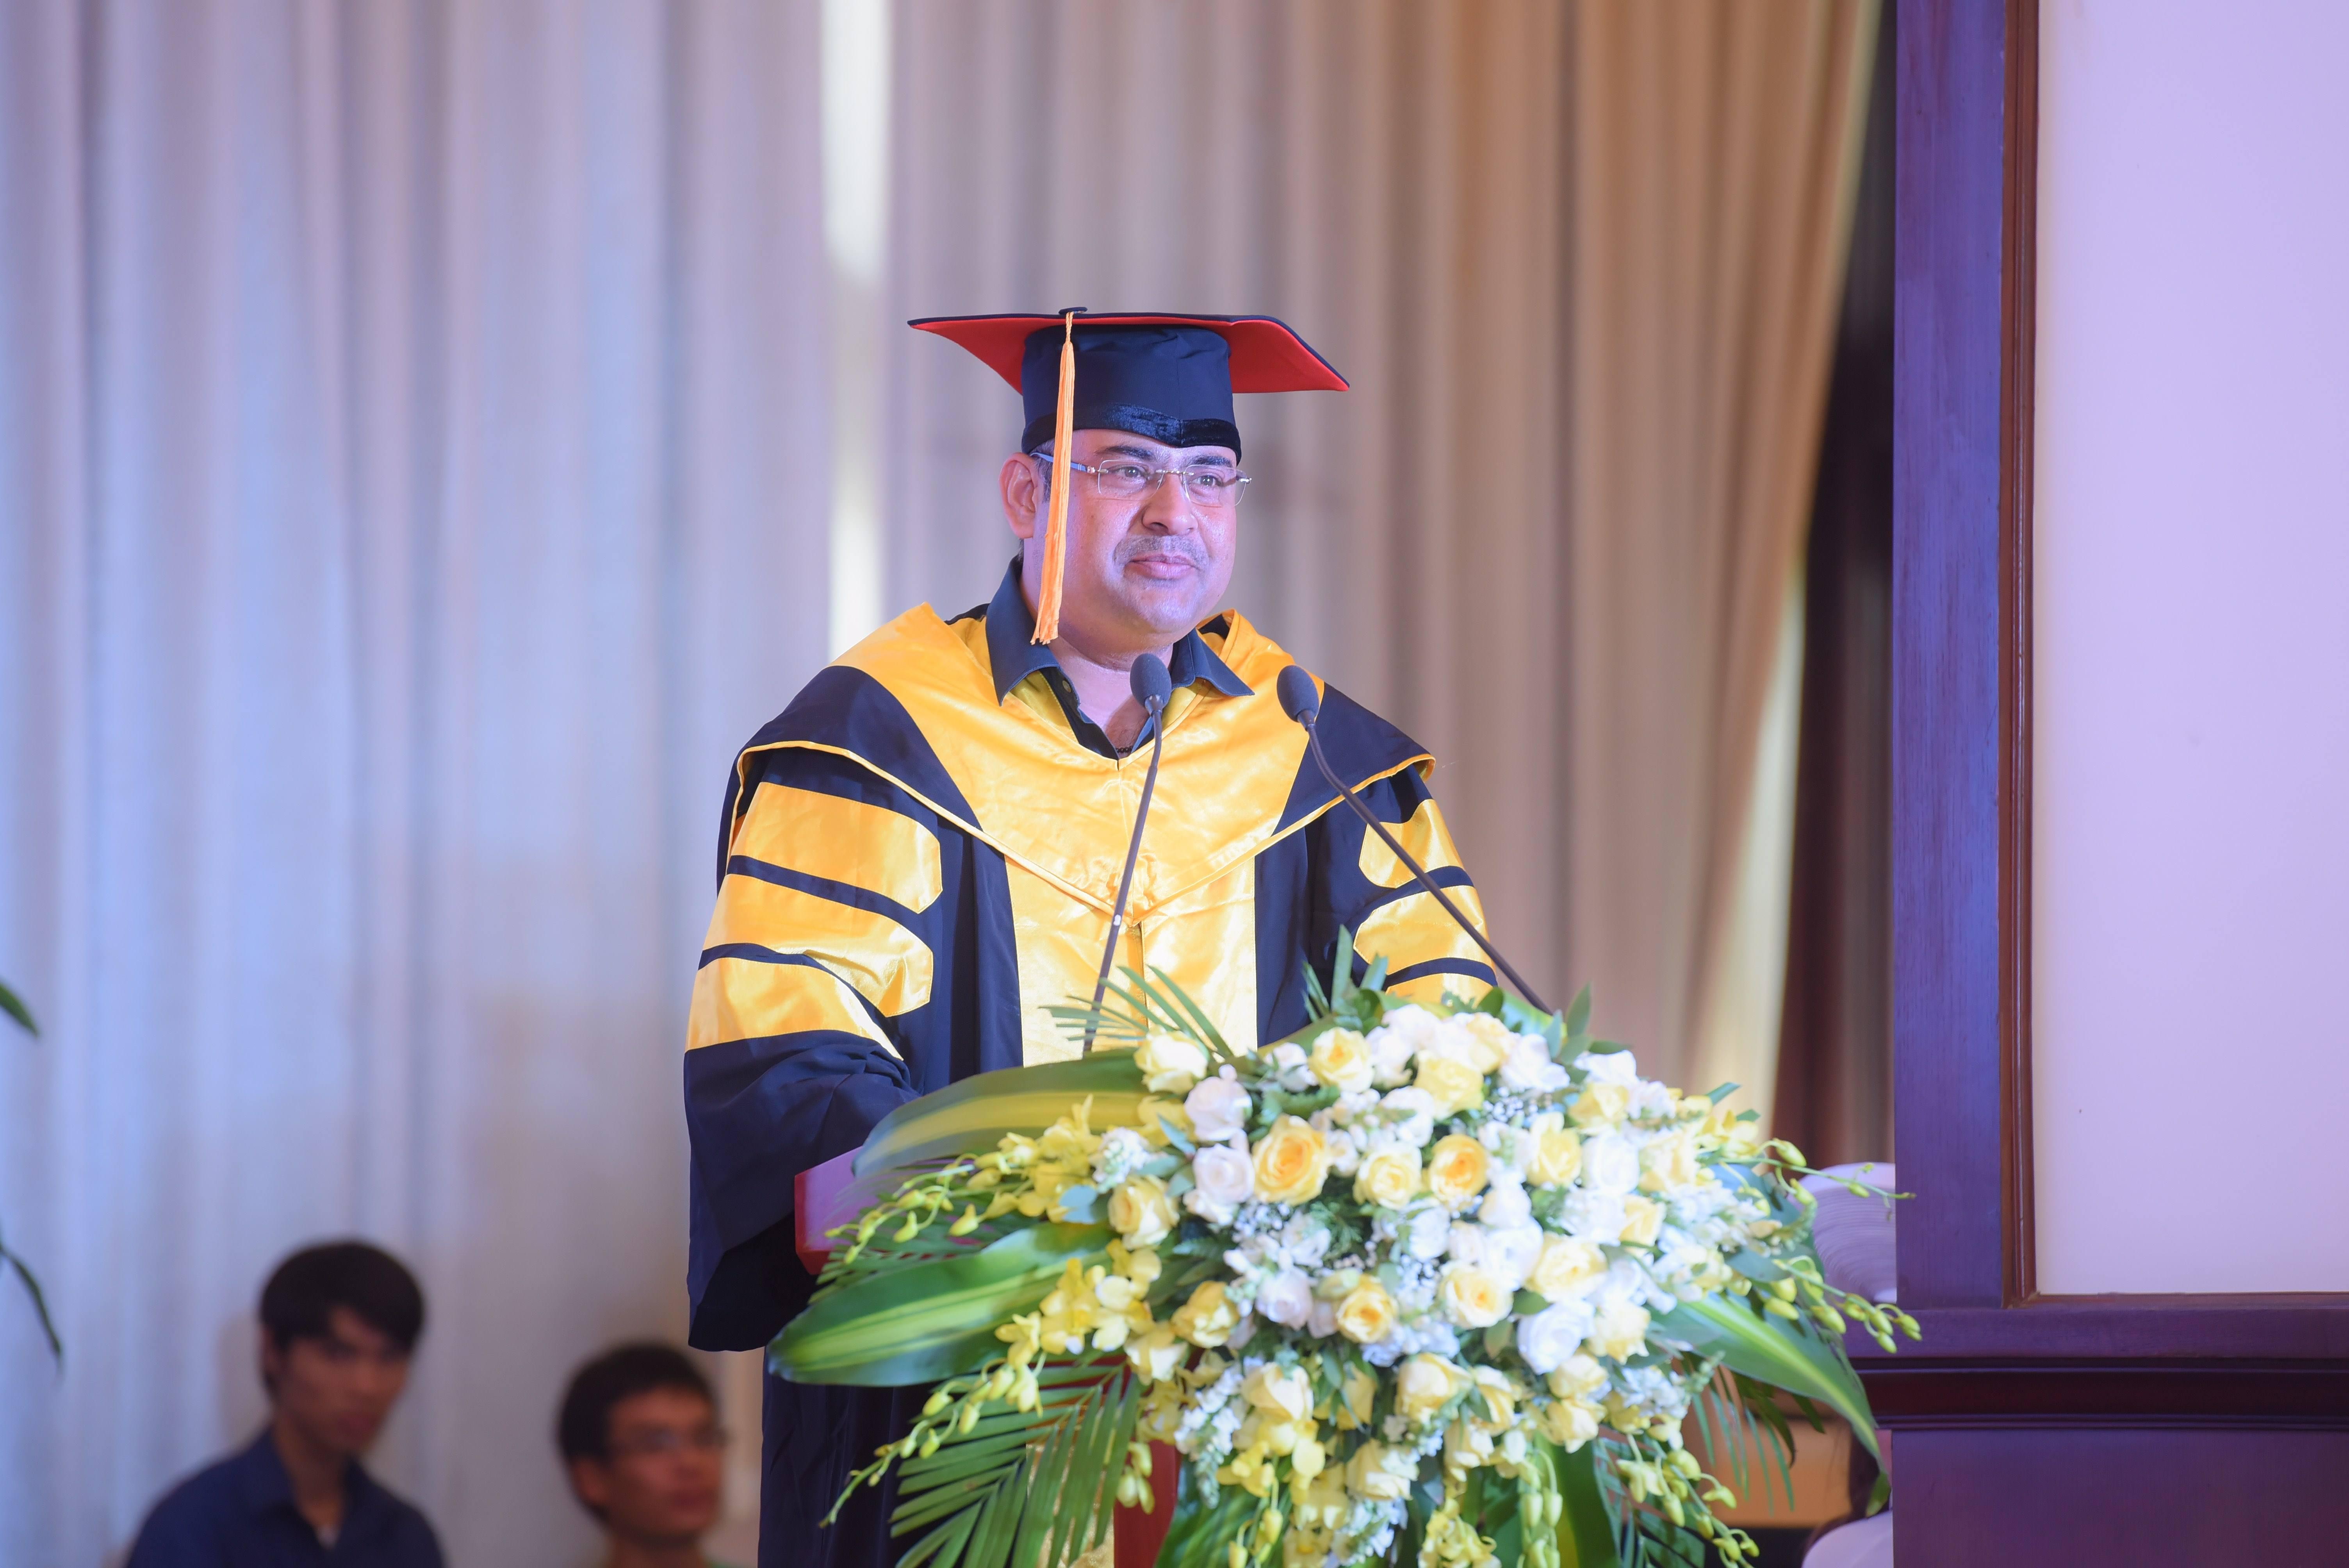 Ông IndranillIndranill - Giám đốc Đối ngoại Khu vực Châu Á Tập đoàn Jetking - Ấn độ: Ngày hôm nay, bạn đã hoàn thành một chương của đời mình và ngay bây giờ và ở đây, bạn bắt đầu chương tiếp theo - sự thăng tiến của bạn trong thị trường lao động và tạo nên sự nghiệp của chính bạn.